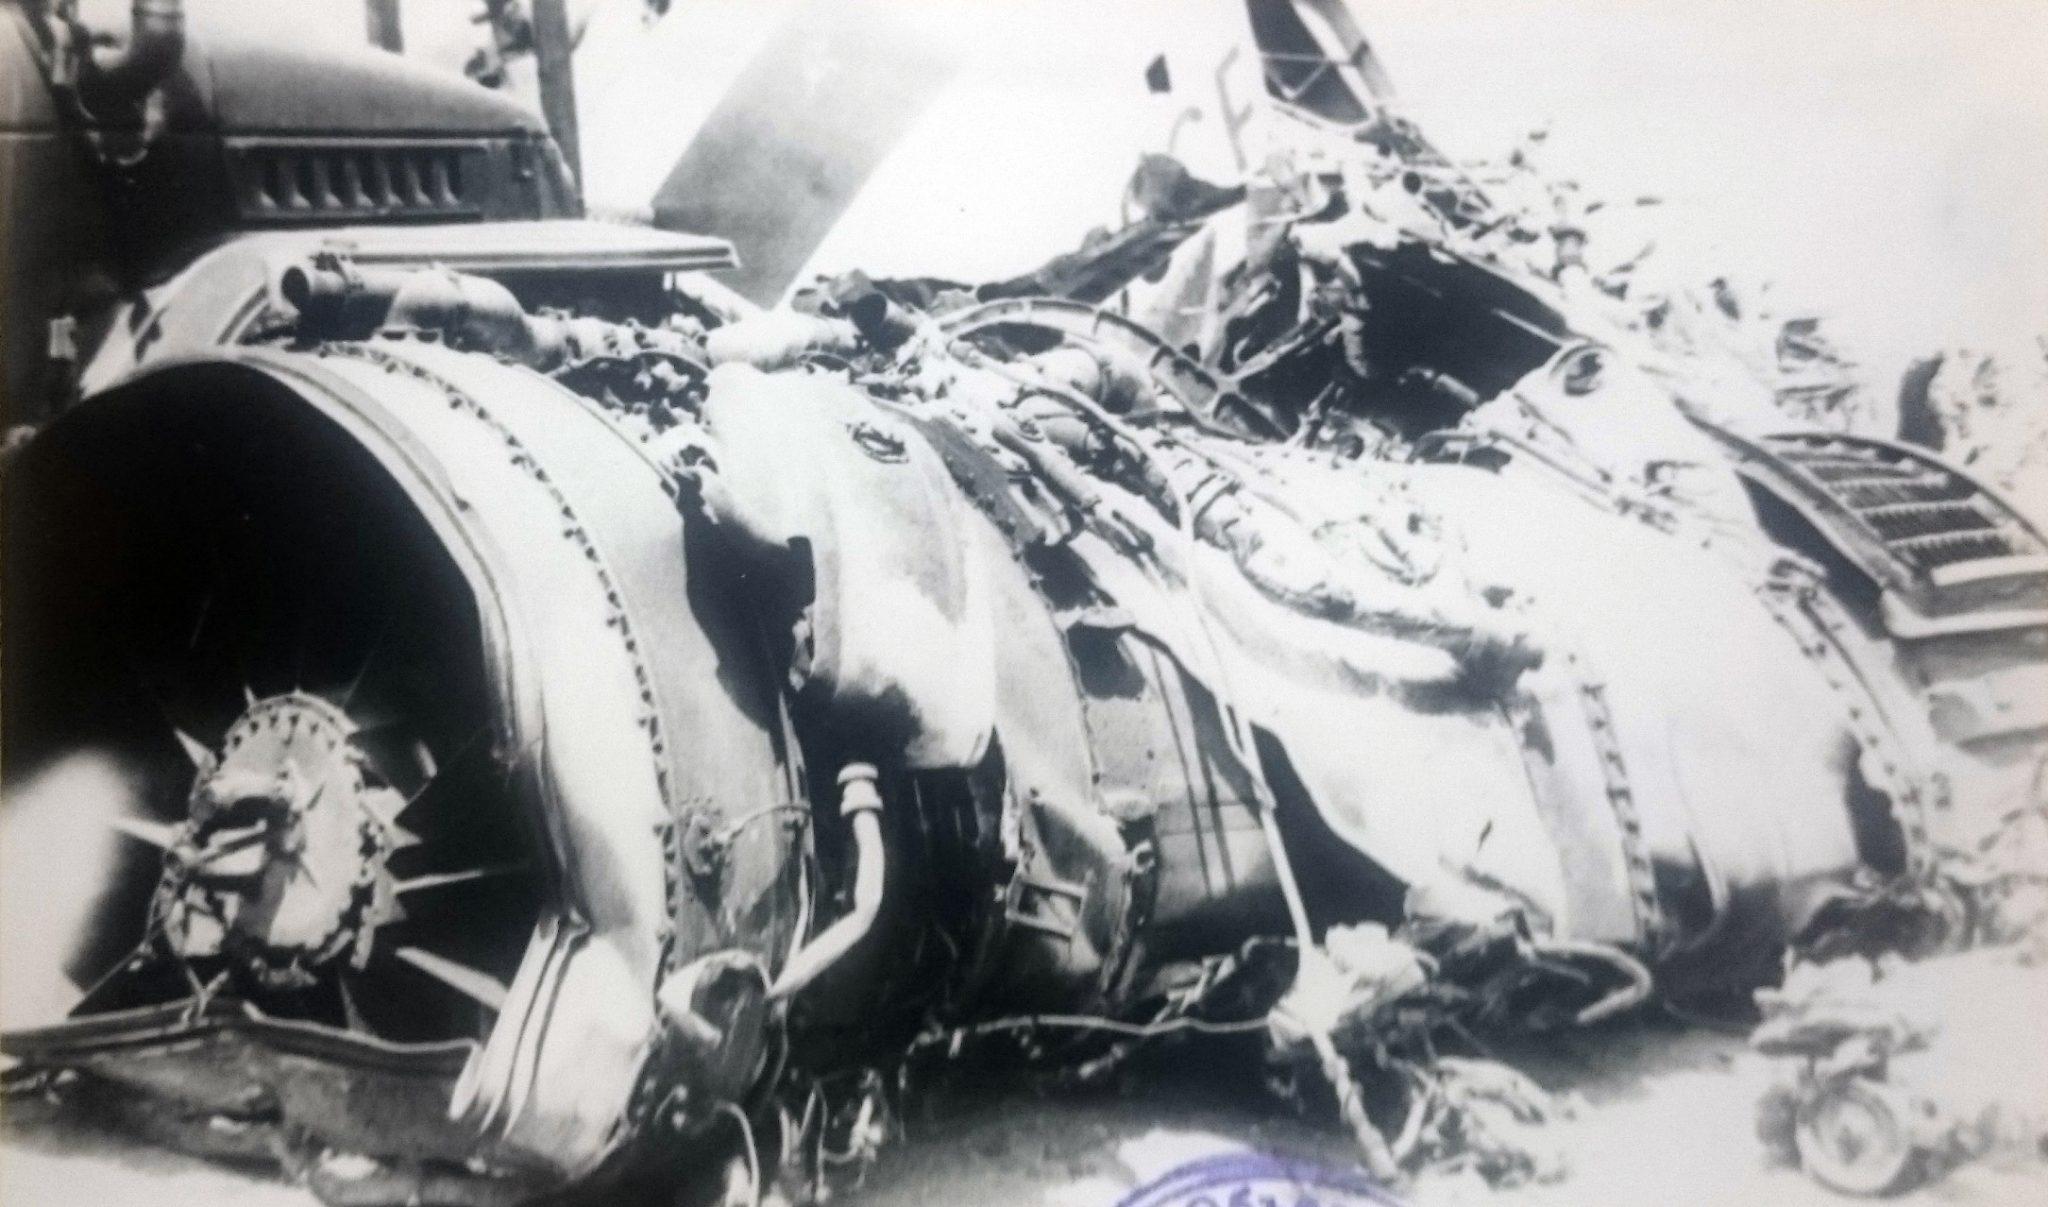 واماندگی مرگ بار موتور پرواز 7425 (سوانح هوایی بخش چهارم)